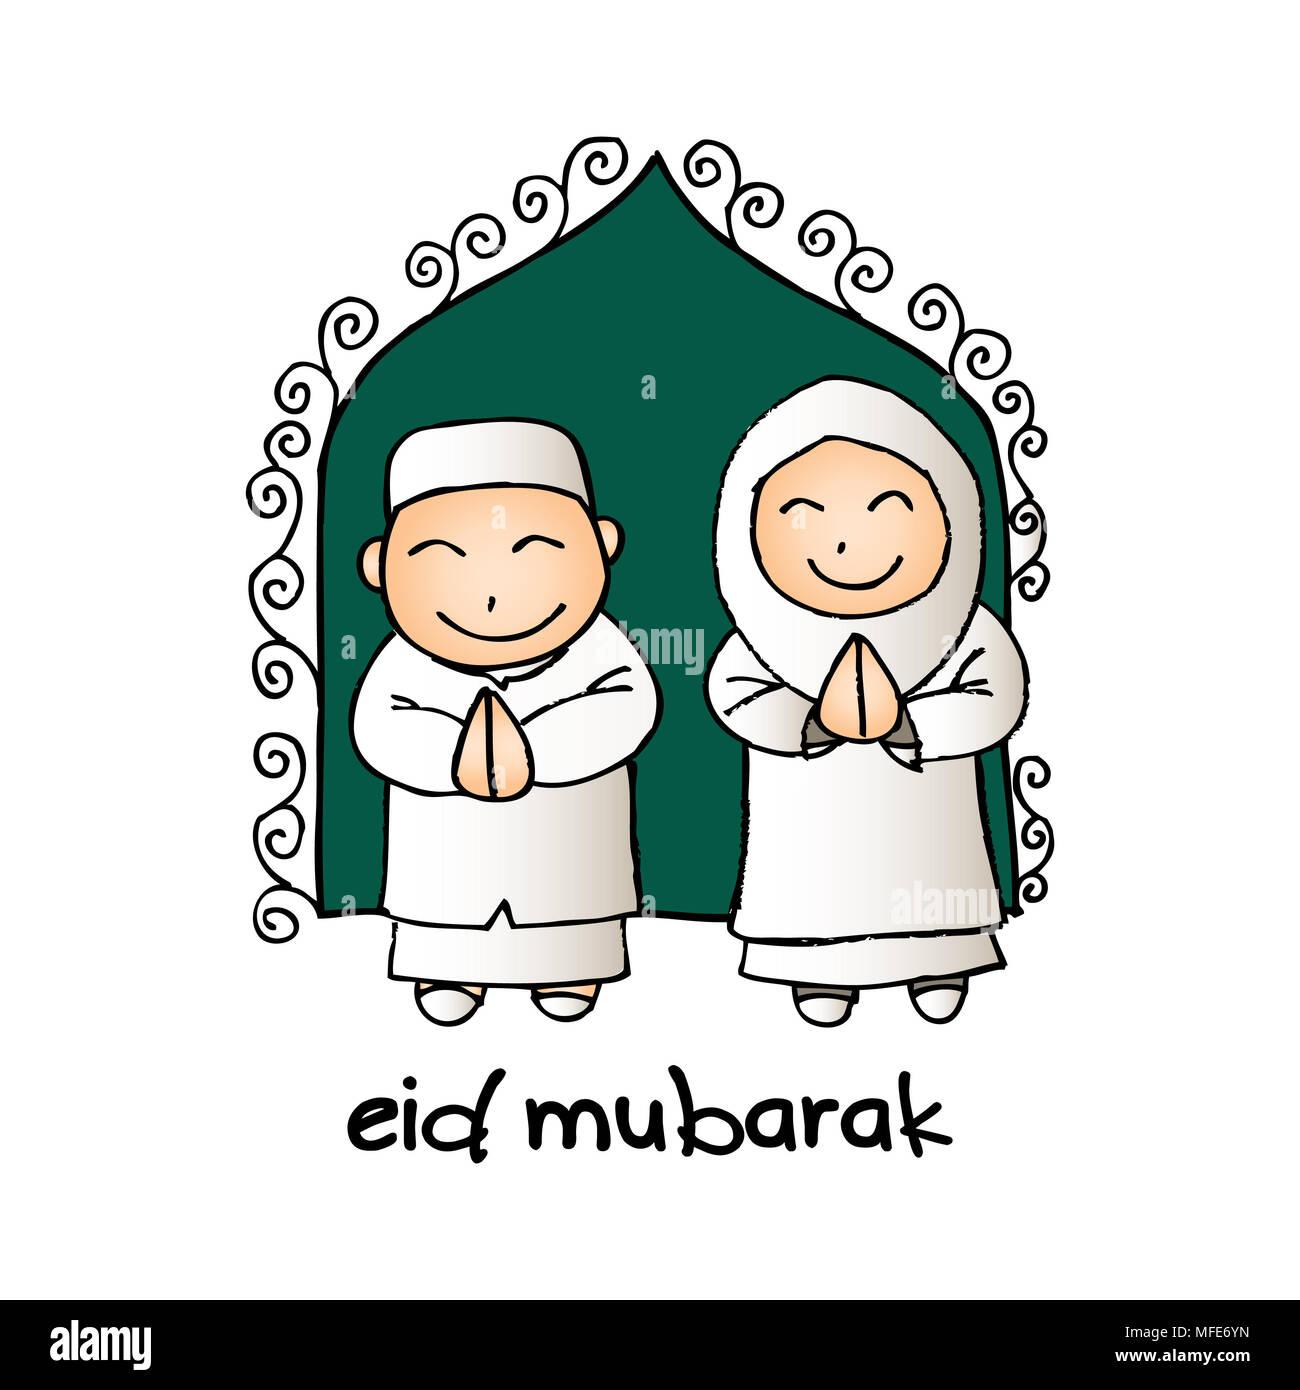 Eid mubarak greeting card with cute cartoon muslim stock image